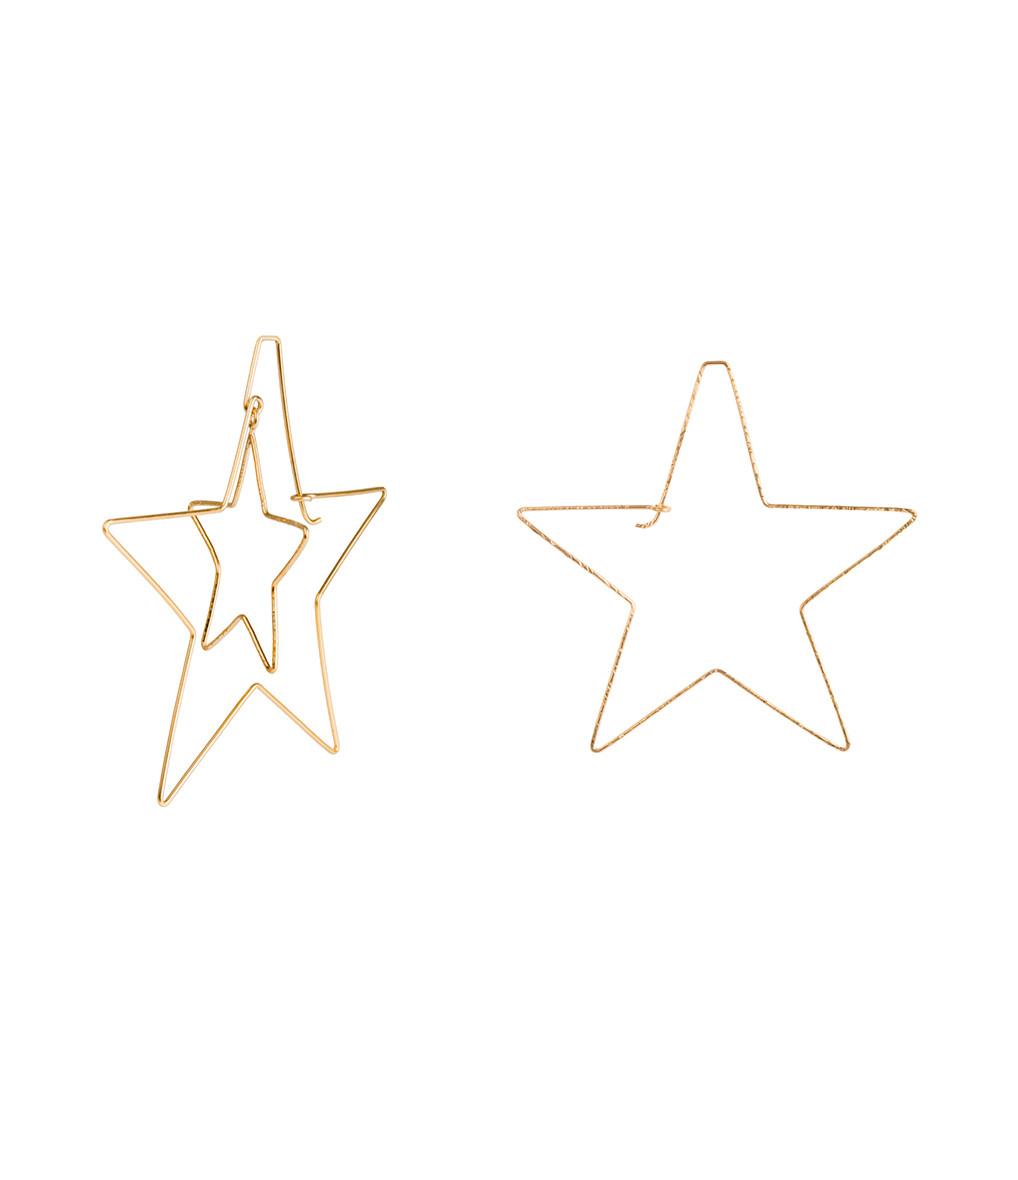 ATELIER PAULIN - Créoles Stellar Asymétrique Gold Filled 14K